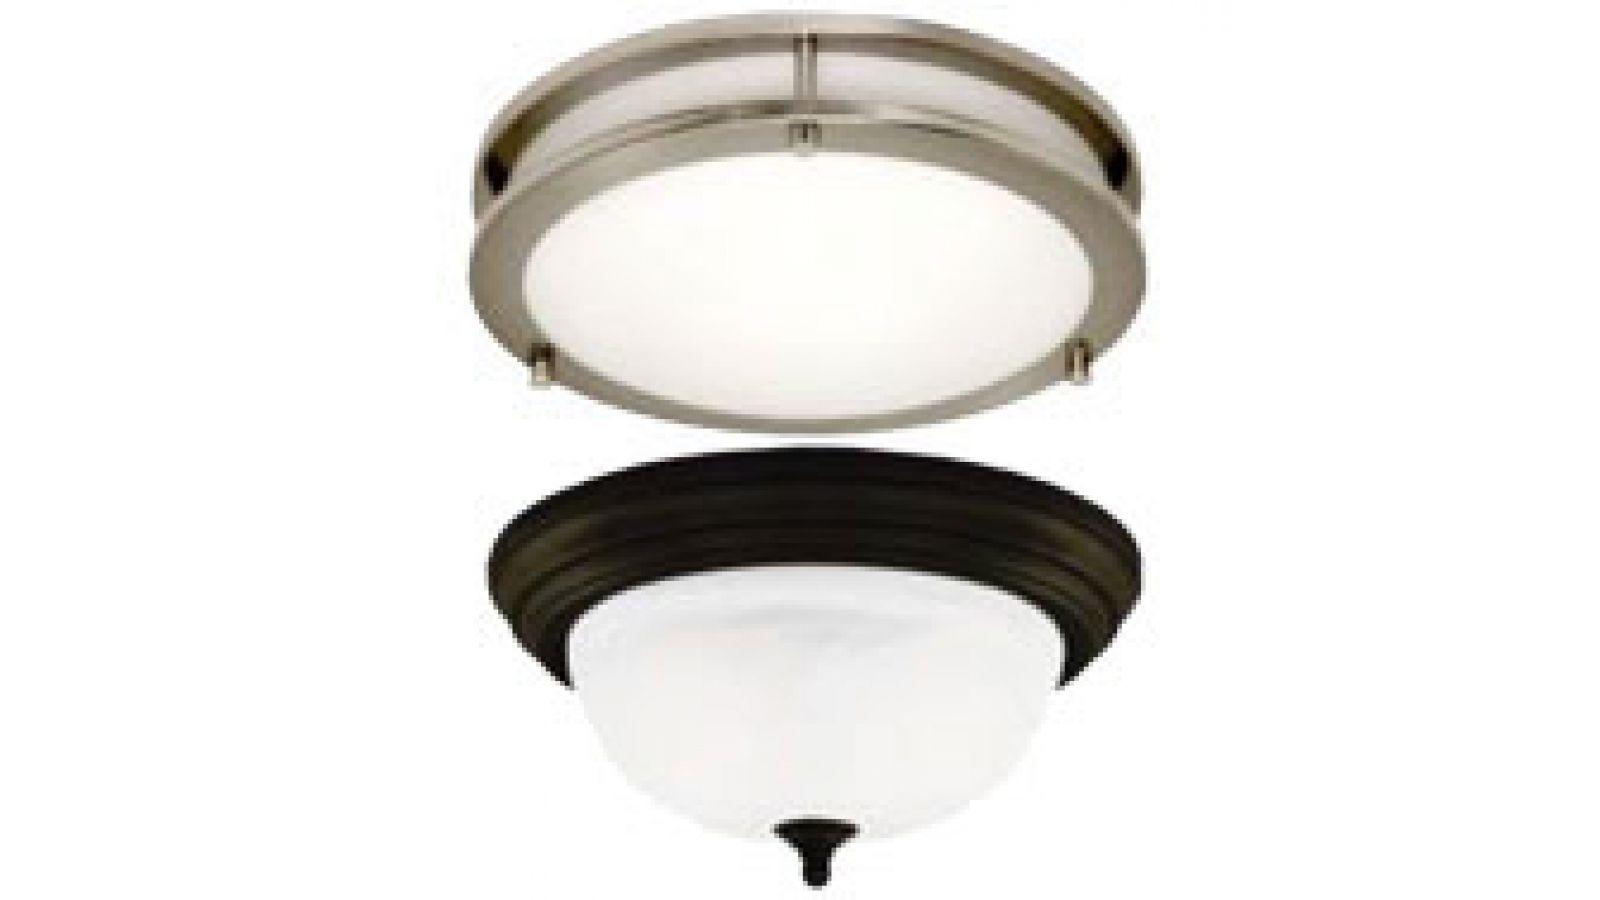 LED Flush Mount Ceiling Fixtures